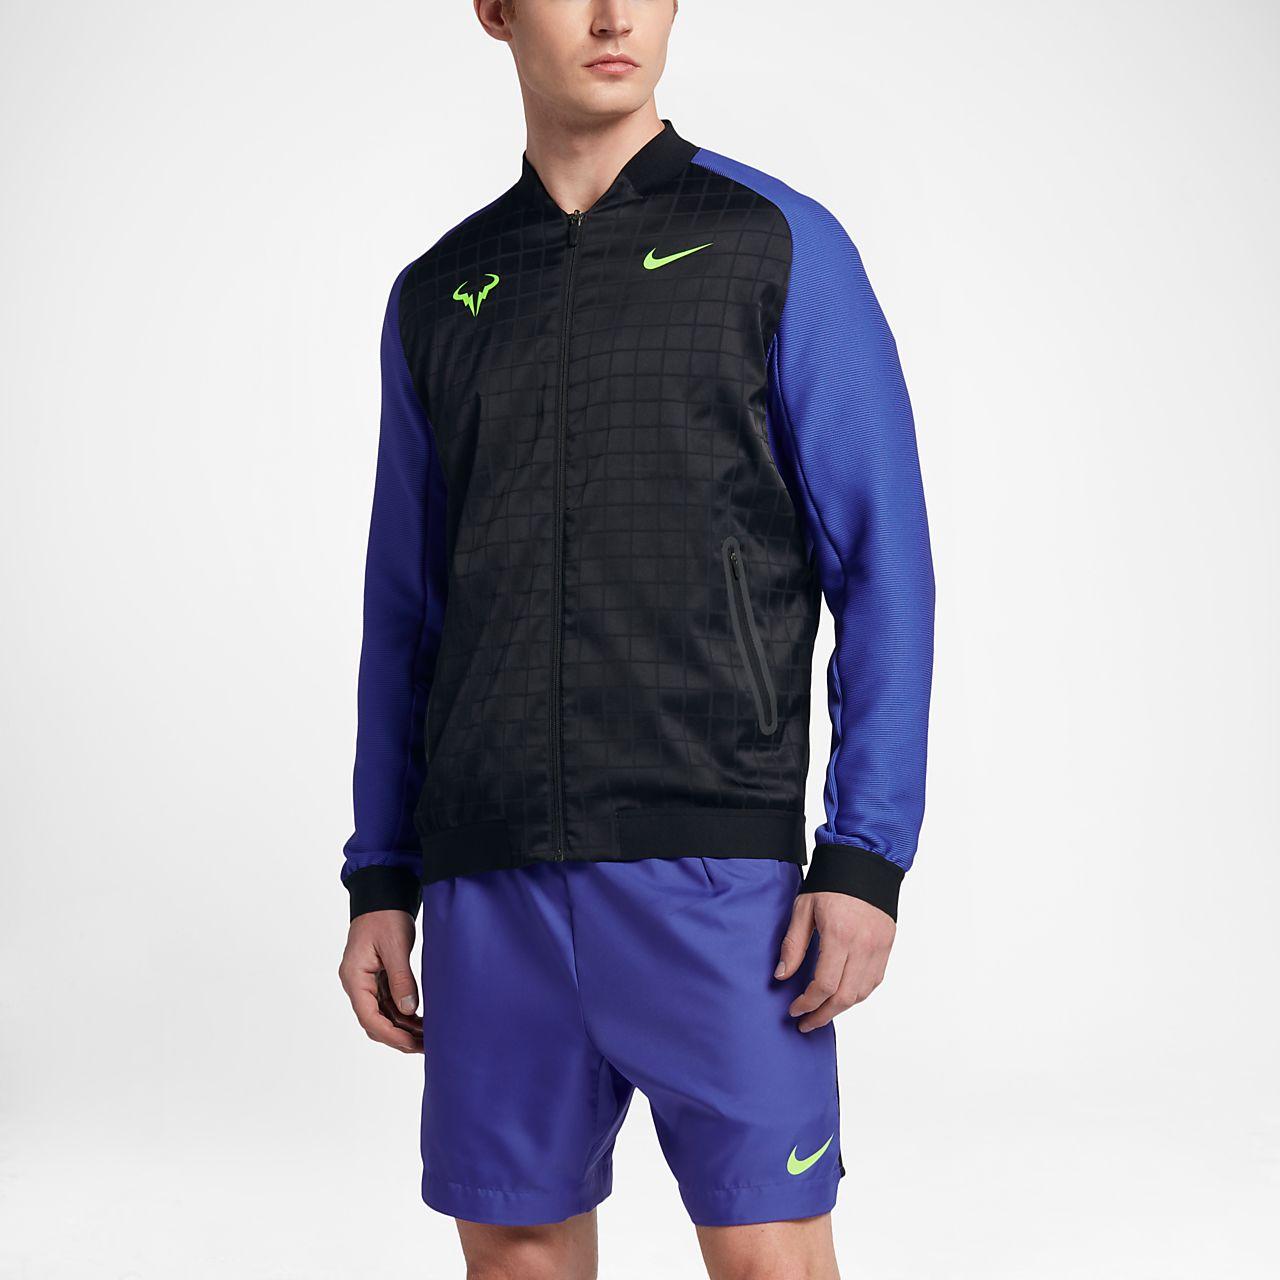 nike tennis jacket nadal